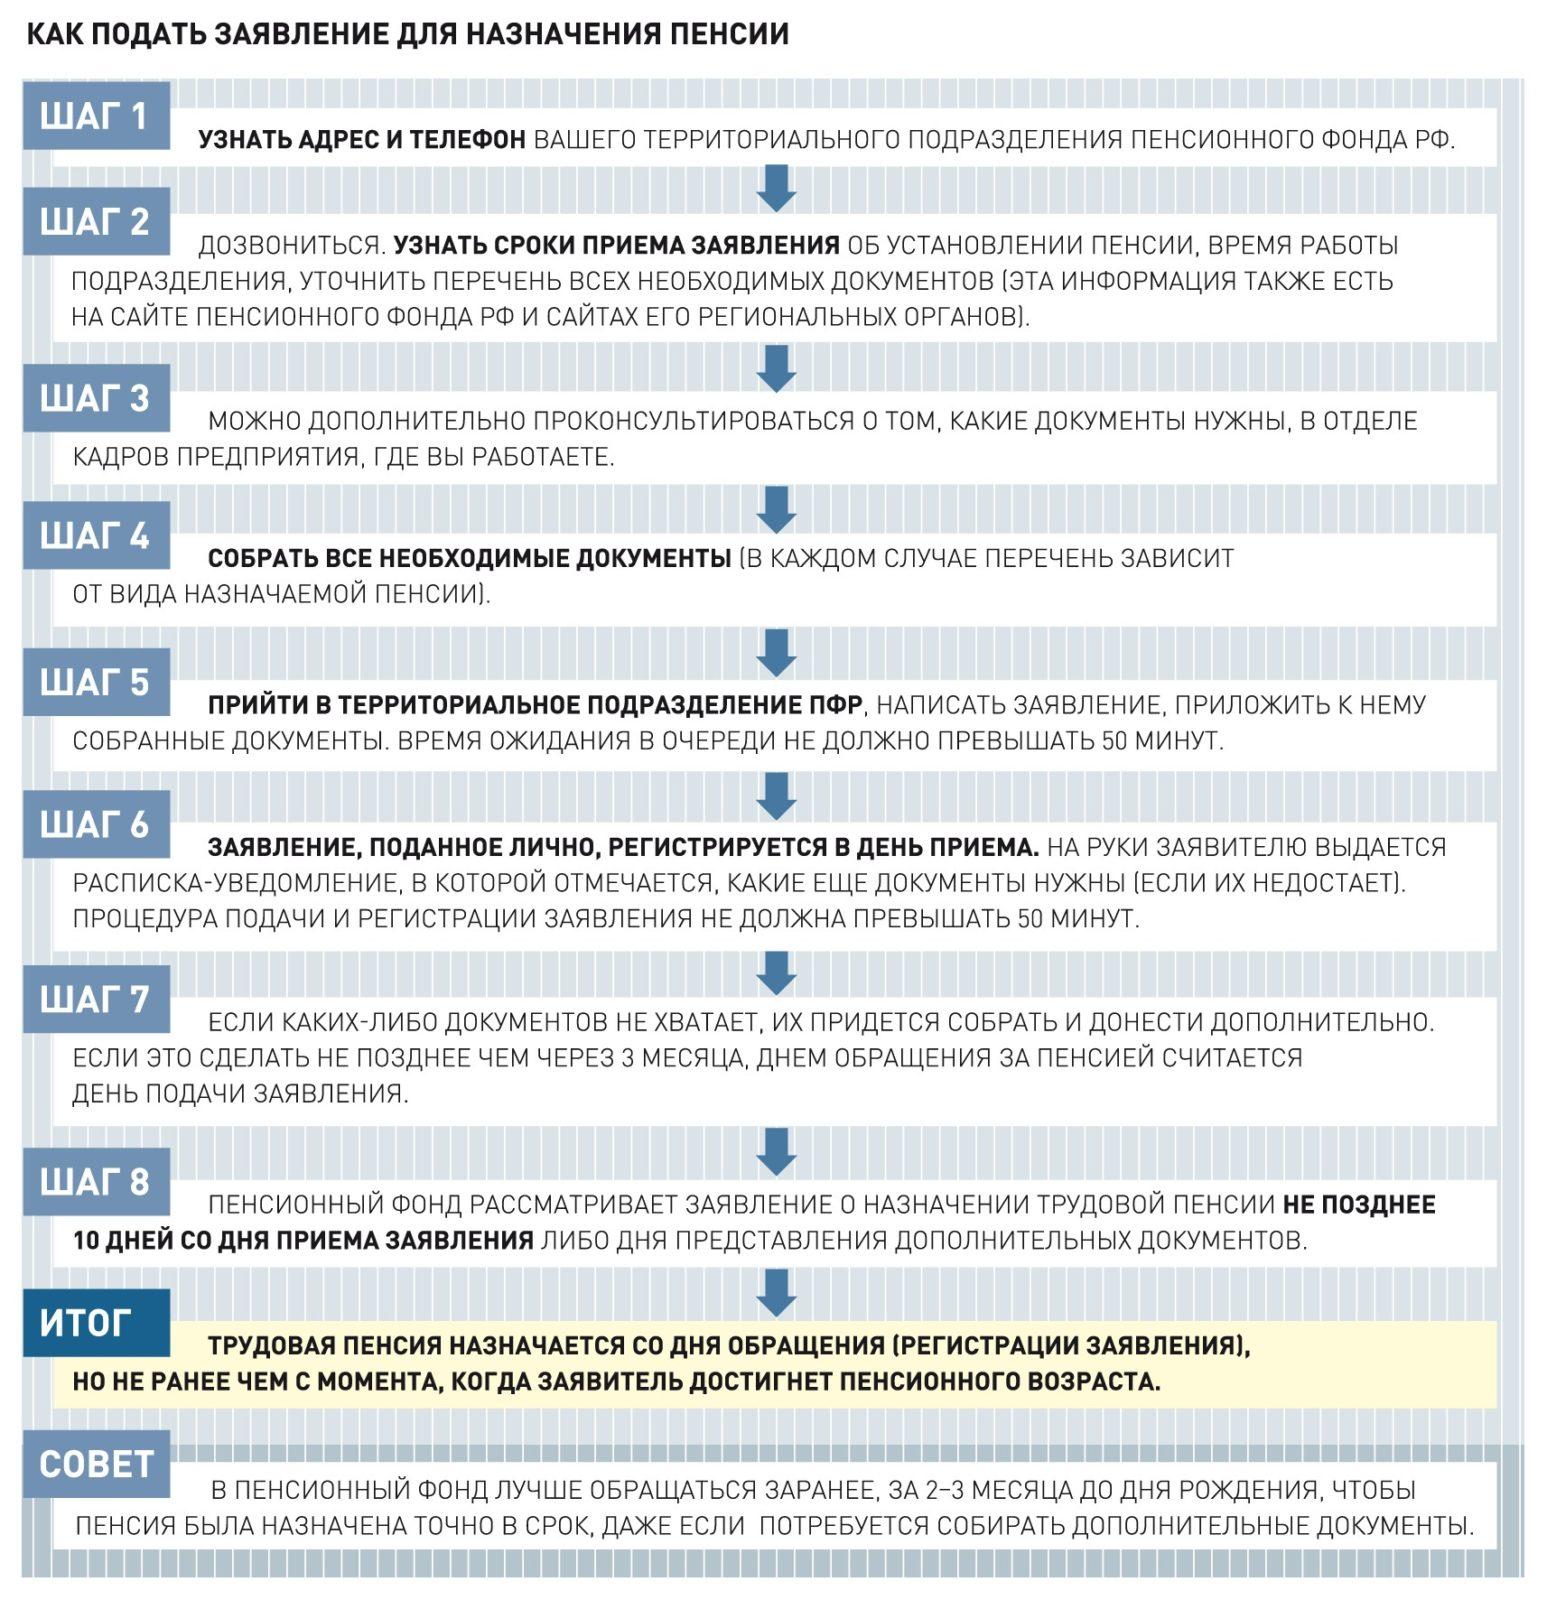 Правила подачи заявления в 2019 году